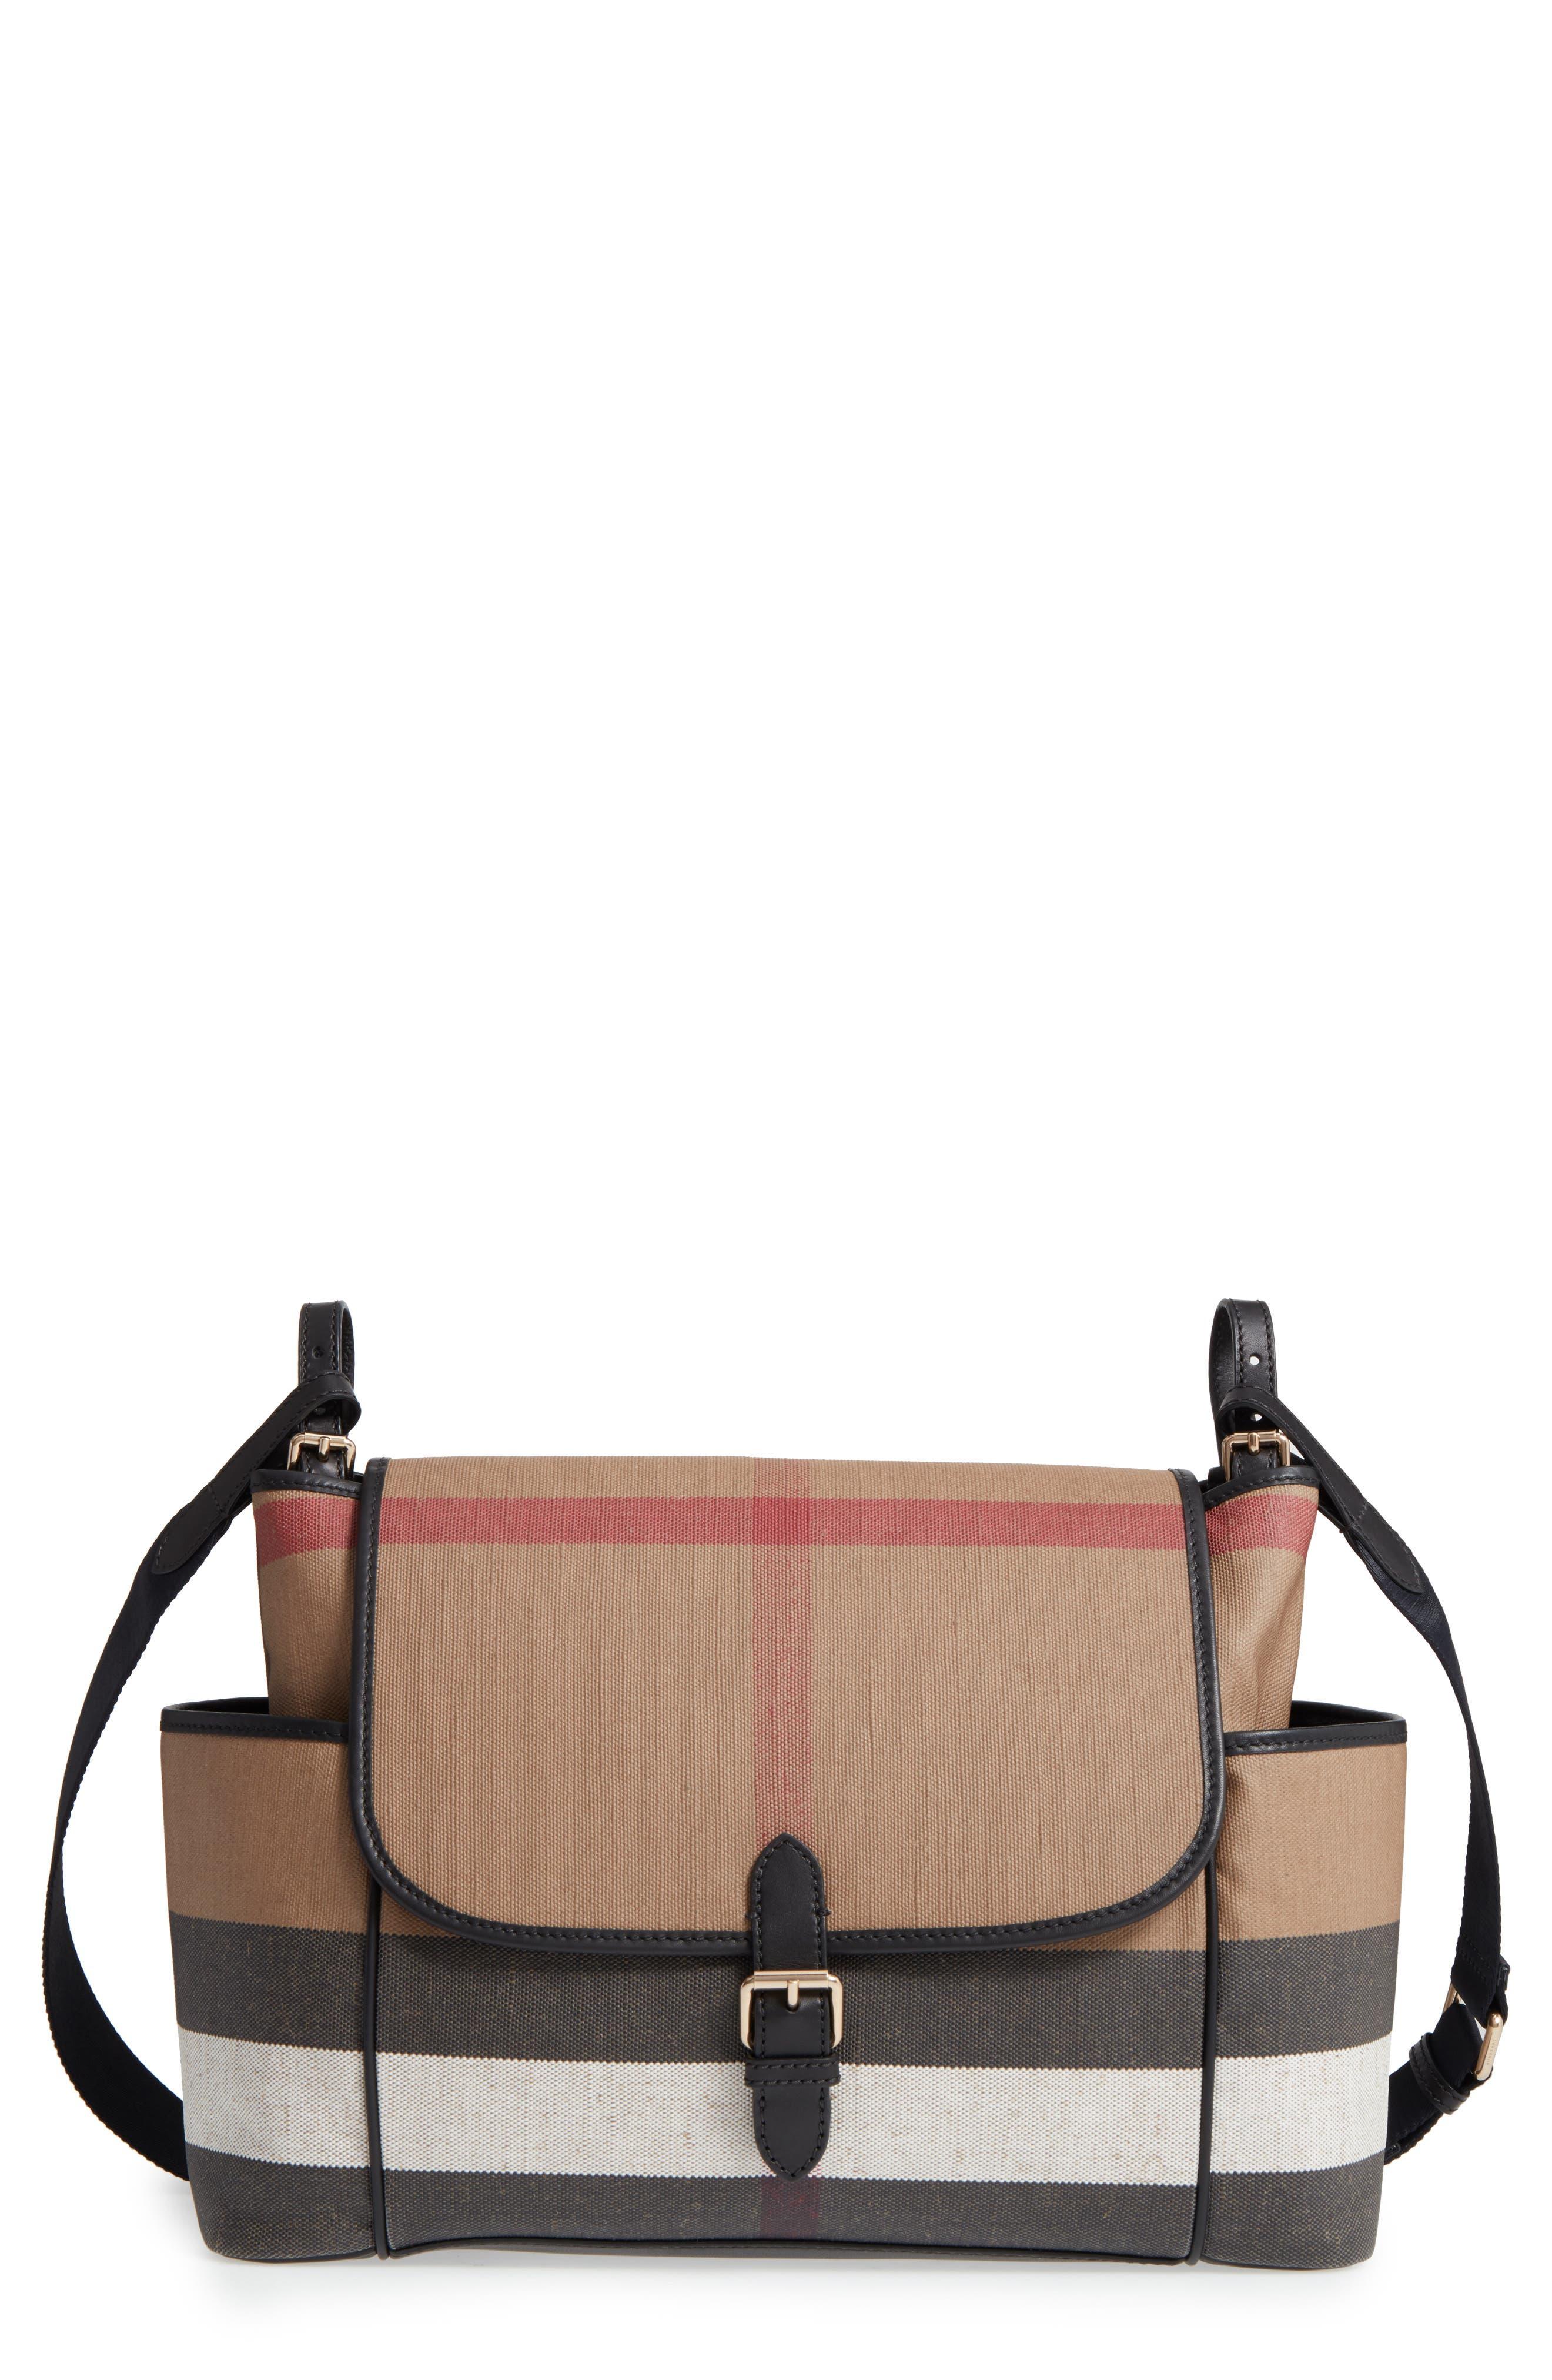 Alternate Image 1 Selected - Burberry Flap Diaper Bag